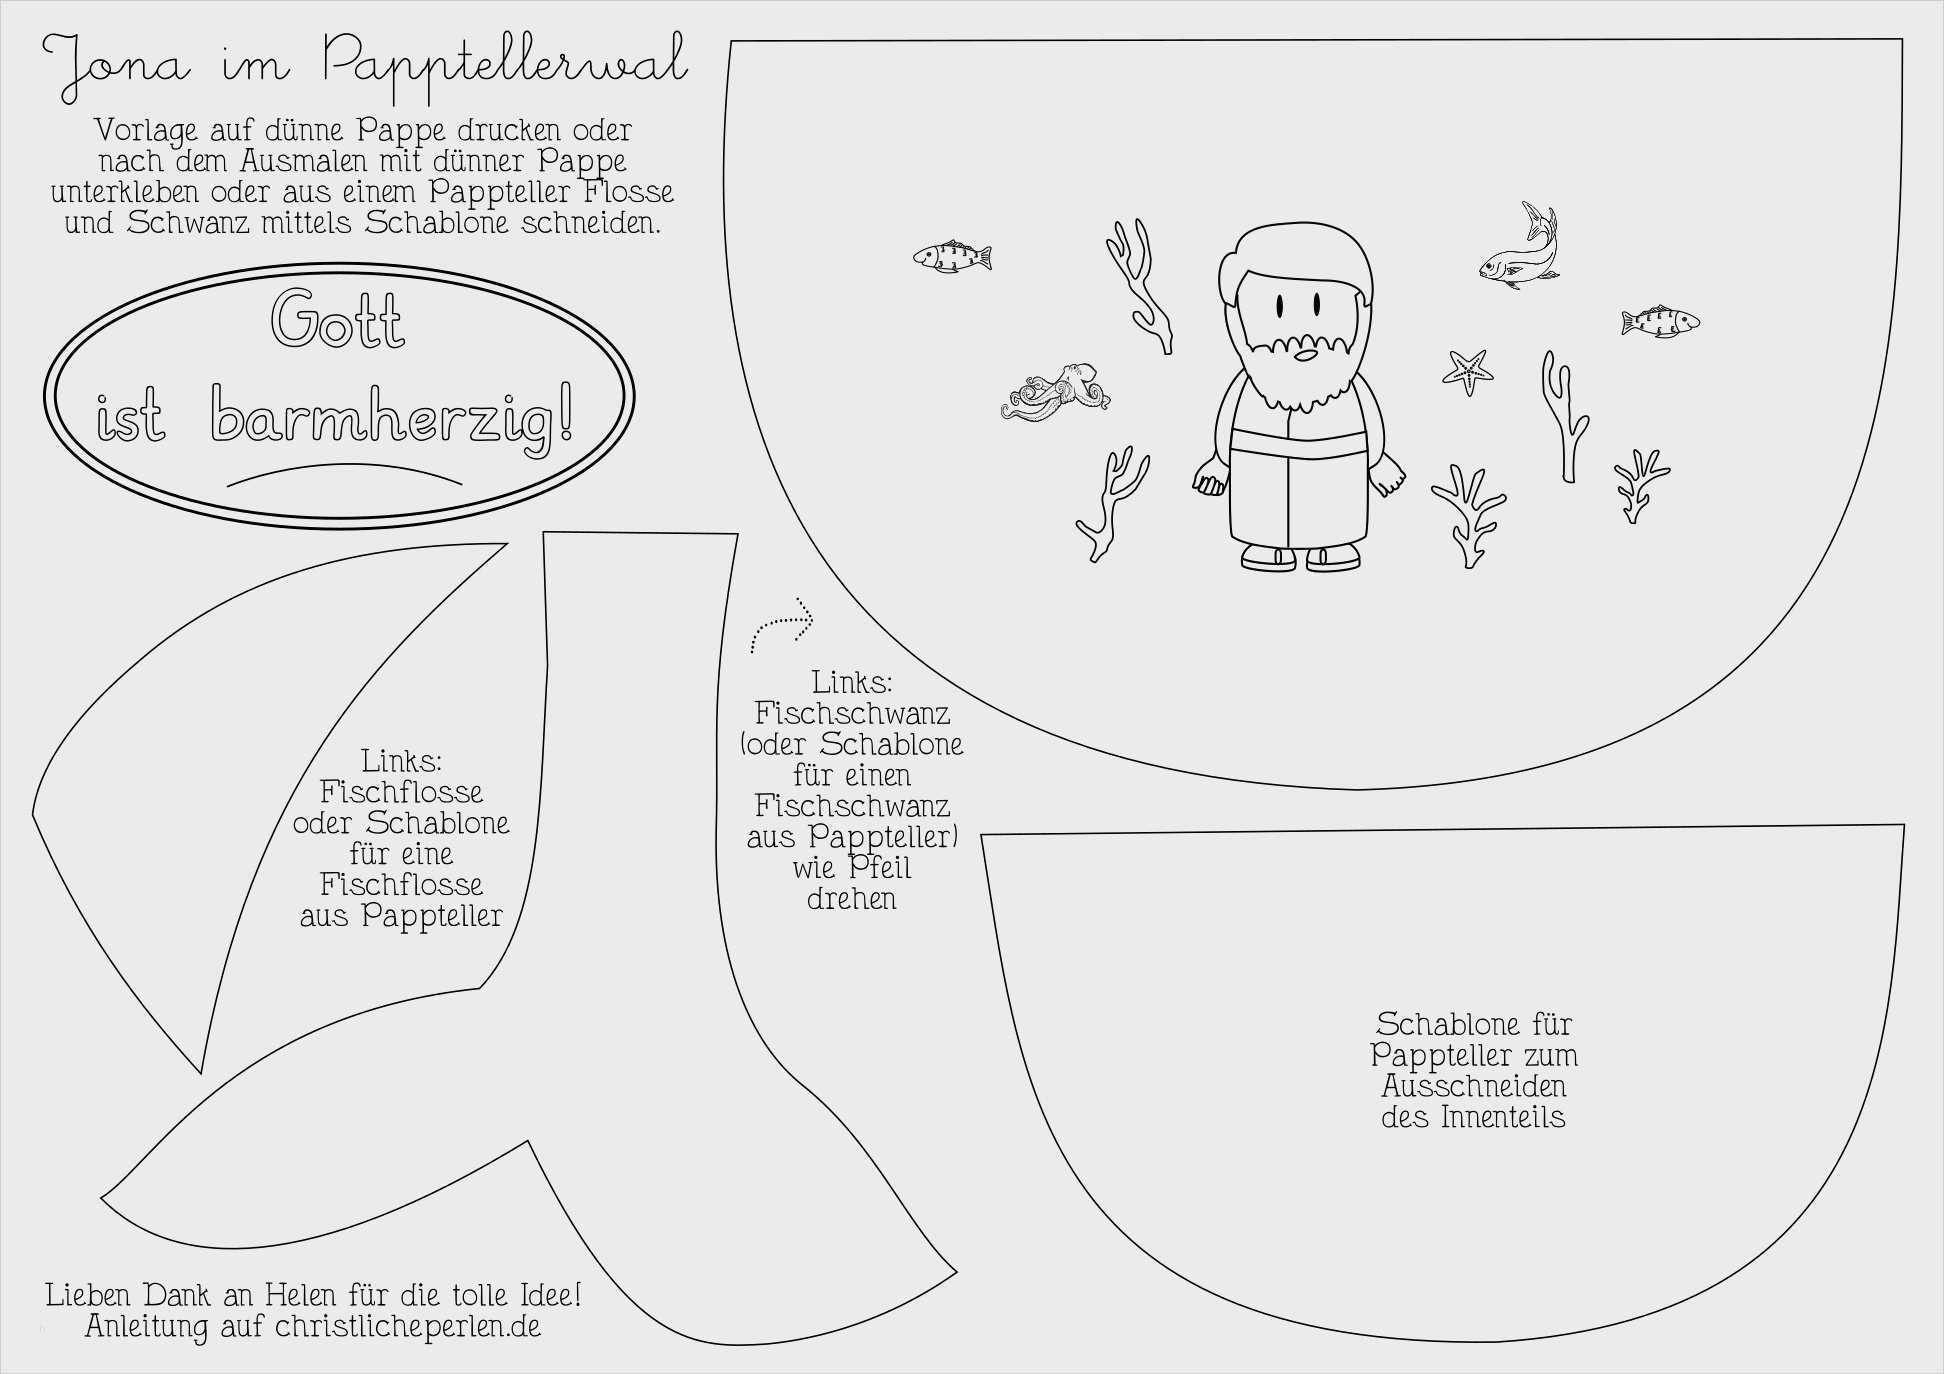 Erstaunlich Schneiden Uben Grundschule Vorlagen Anspruchsvoll Sie Konnen Einstellen Fur In 2020 Drachen Basteln Vorlage Ausmalbilder Zum Ausdrucken Malvorlagen Gratis